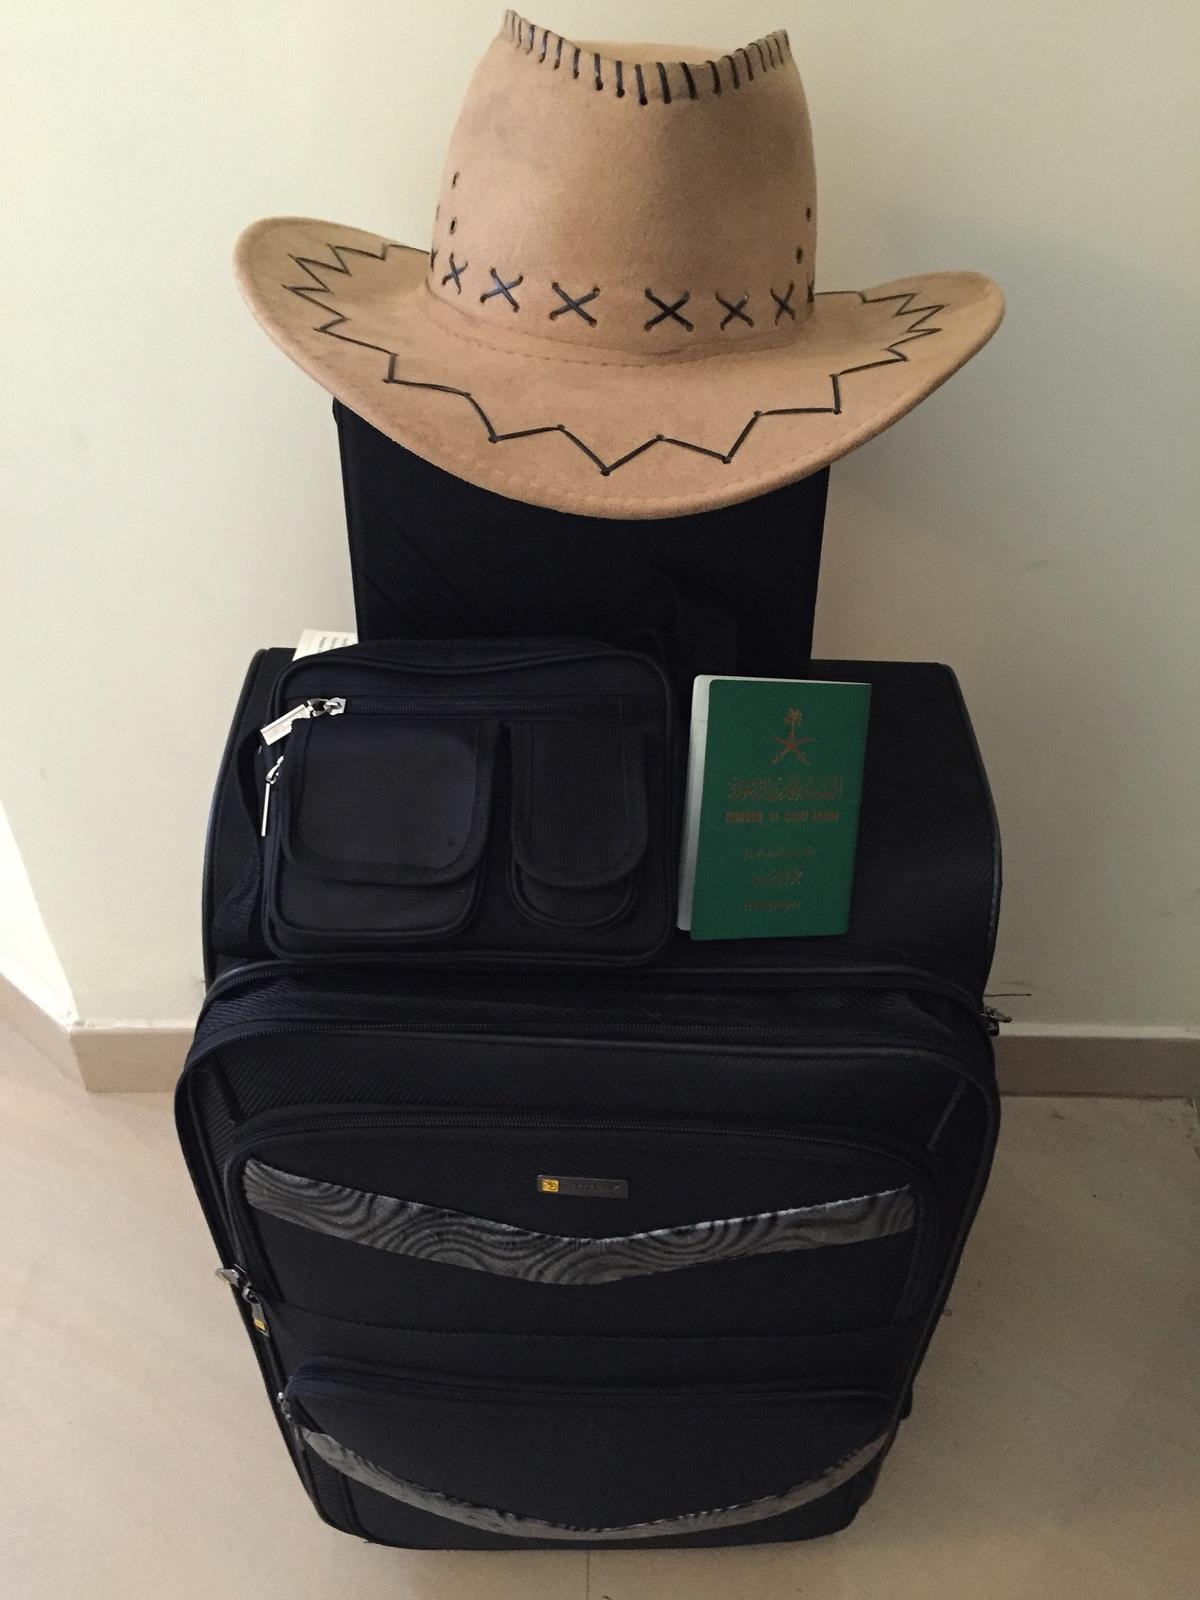 484650 المسافرون العرب منتجع ليك بالاس في اليبي